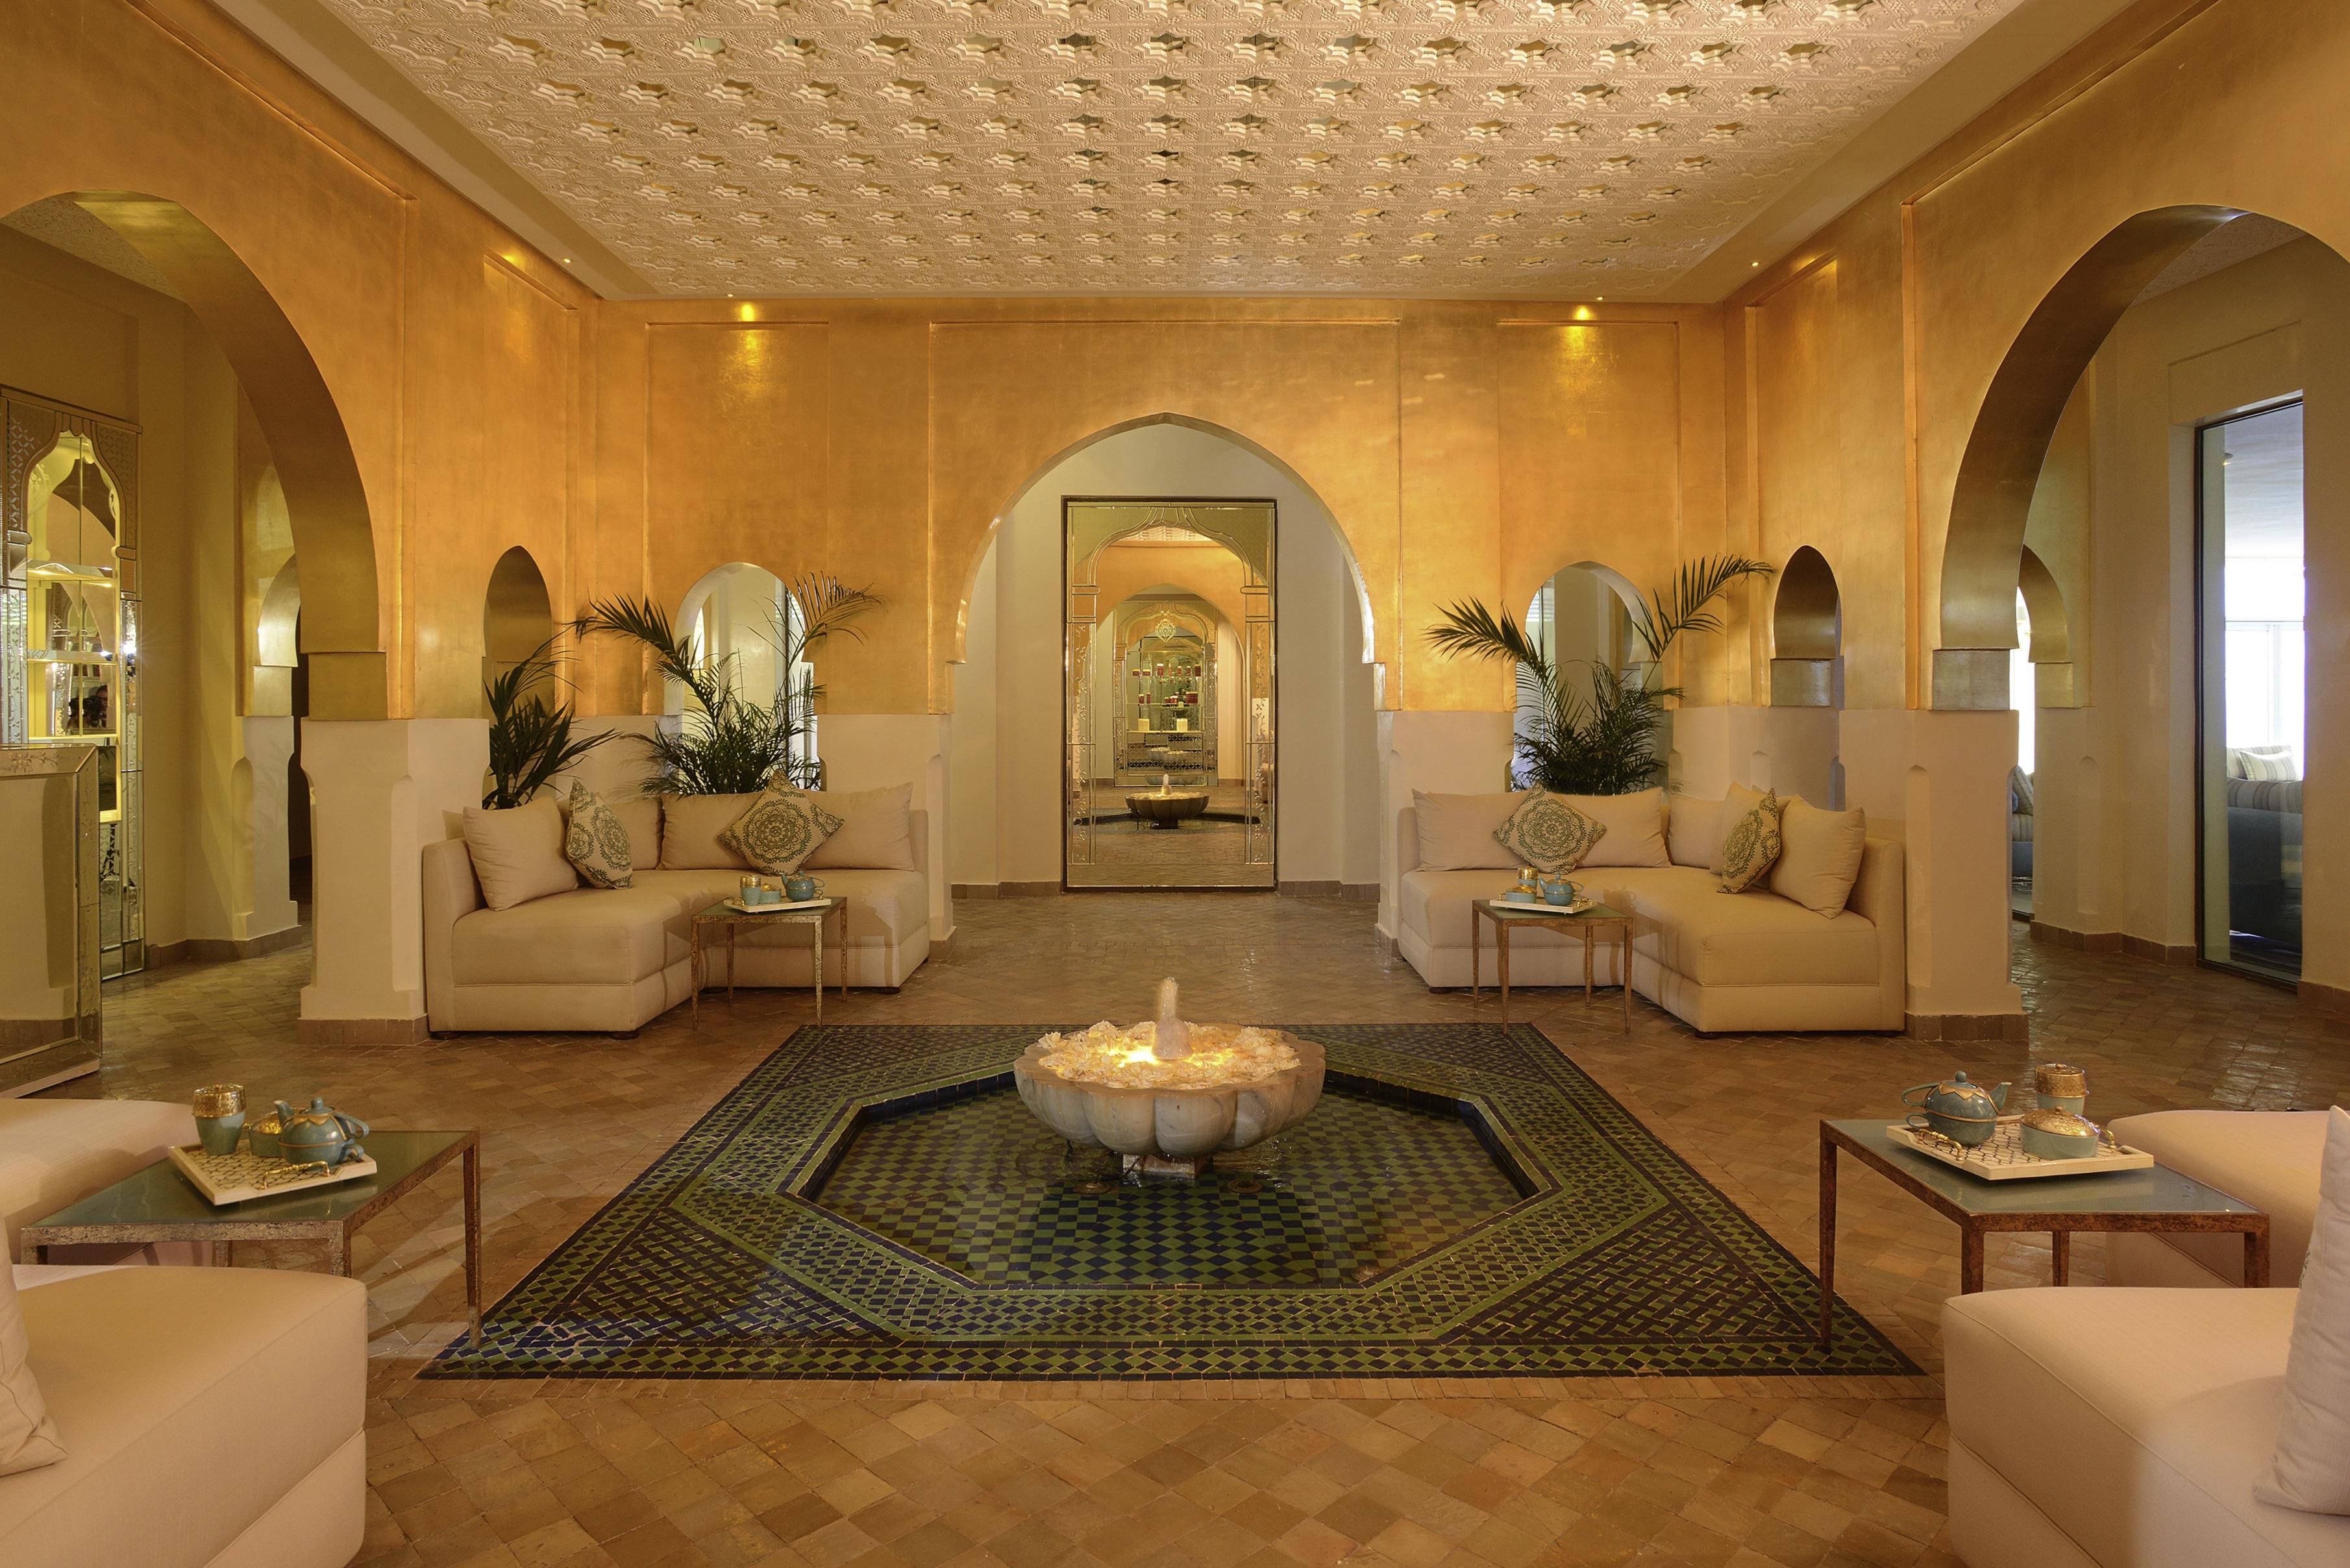 Le Sofitel Marrakech Lounge & Spa lance, dès l'automne 2014, une nouvelle offre qui vise à détoxifier à la fois le corps et l'esprit - DR